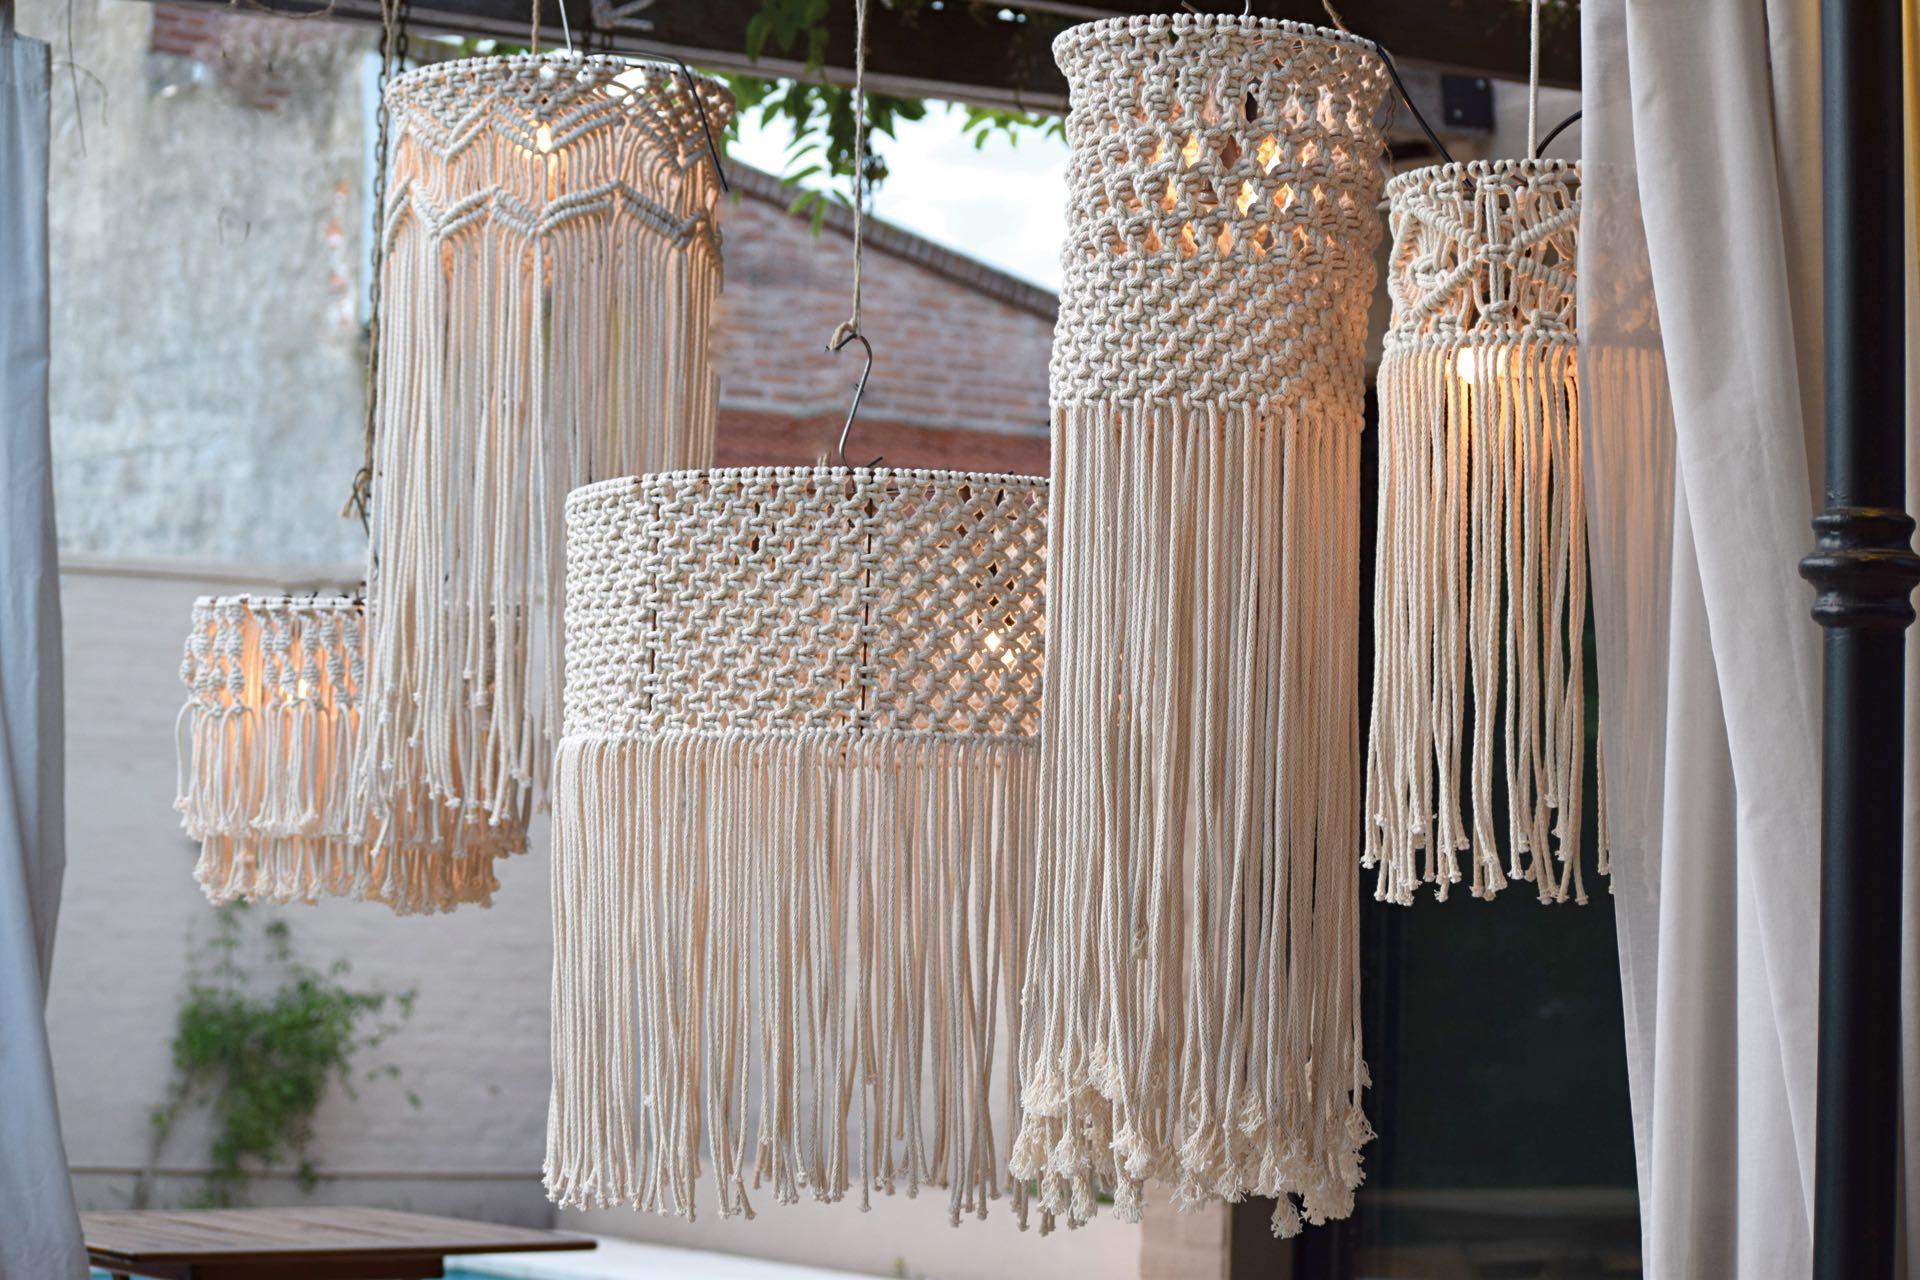 xDónde aprender Taller Macramé wall hanging, el 16/06 a las 16 en Cultura Balumba, Villa de Luján 755 Castelar y el 07/07, taller de lámpara colgante en macramé (@luci.macrame)